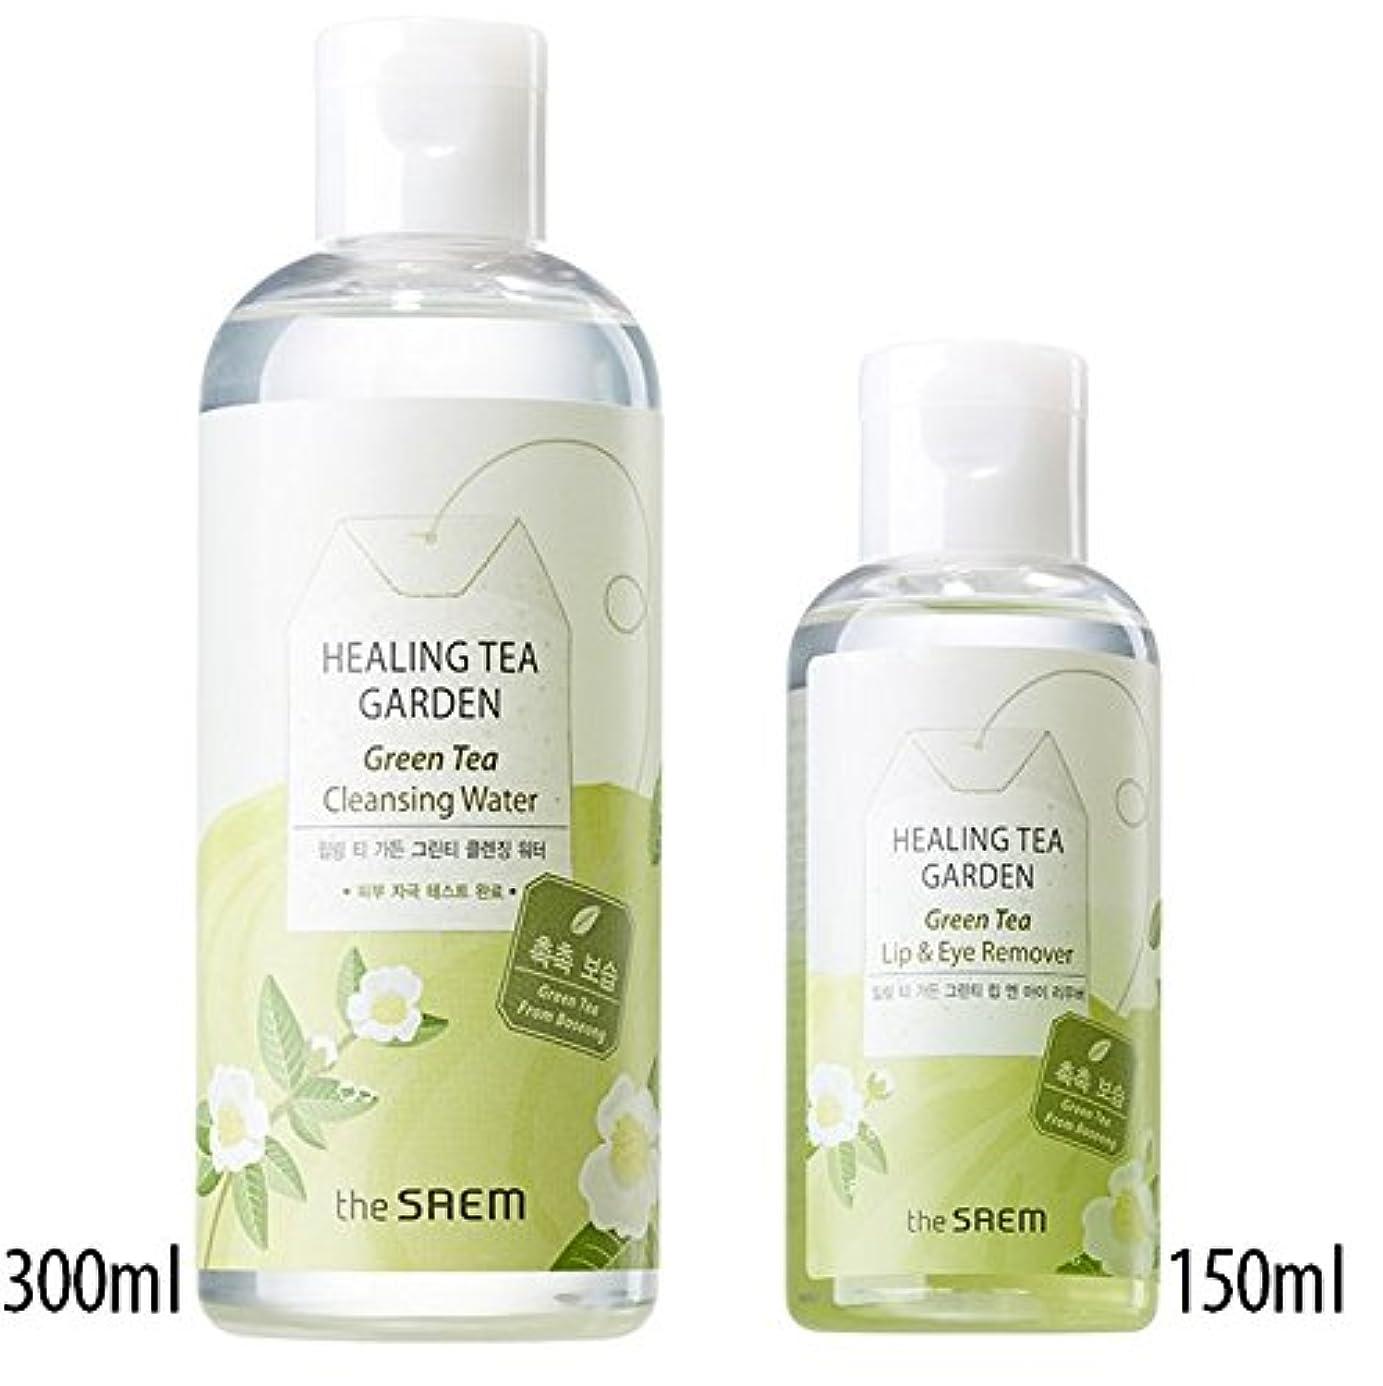 威する相対性理論反対[1+1] The Saem Green Tea (Lip & Eye Remover + Cleansing Water)ザセム ヒーリングティーガーデングリーンティーリップ&アイリムーバー+ ヒー クレンジングウォーター 300mL [海外直送品] [並行輸入品]